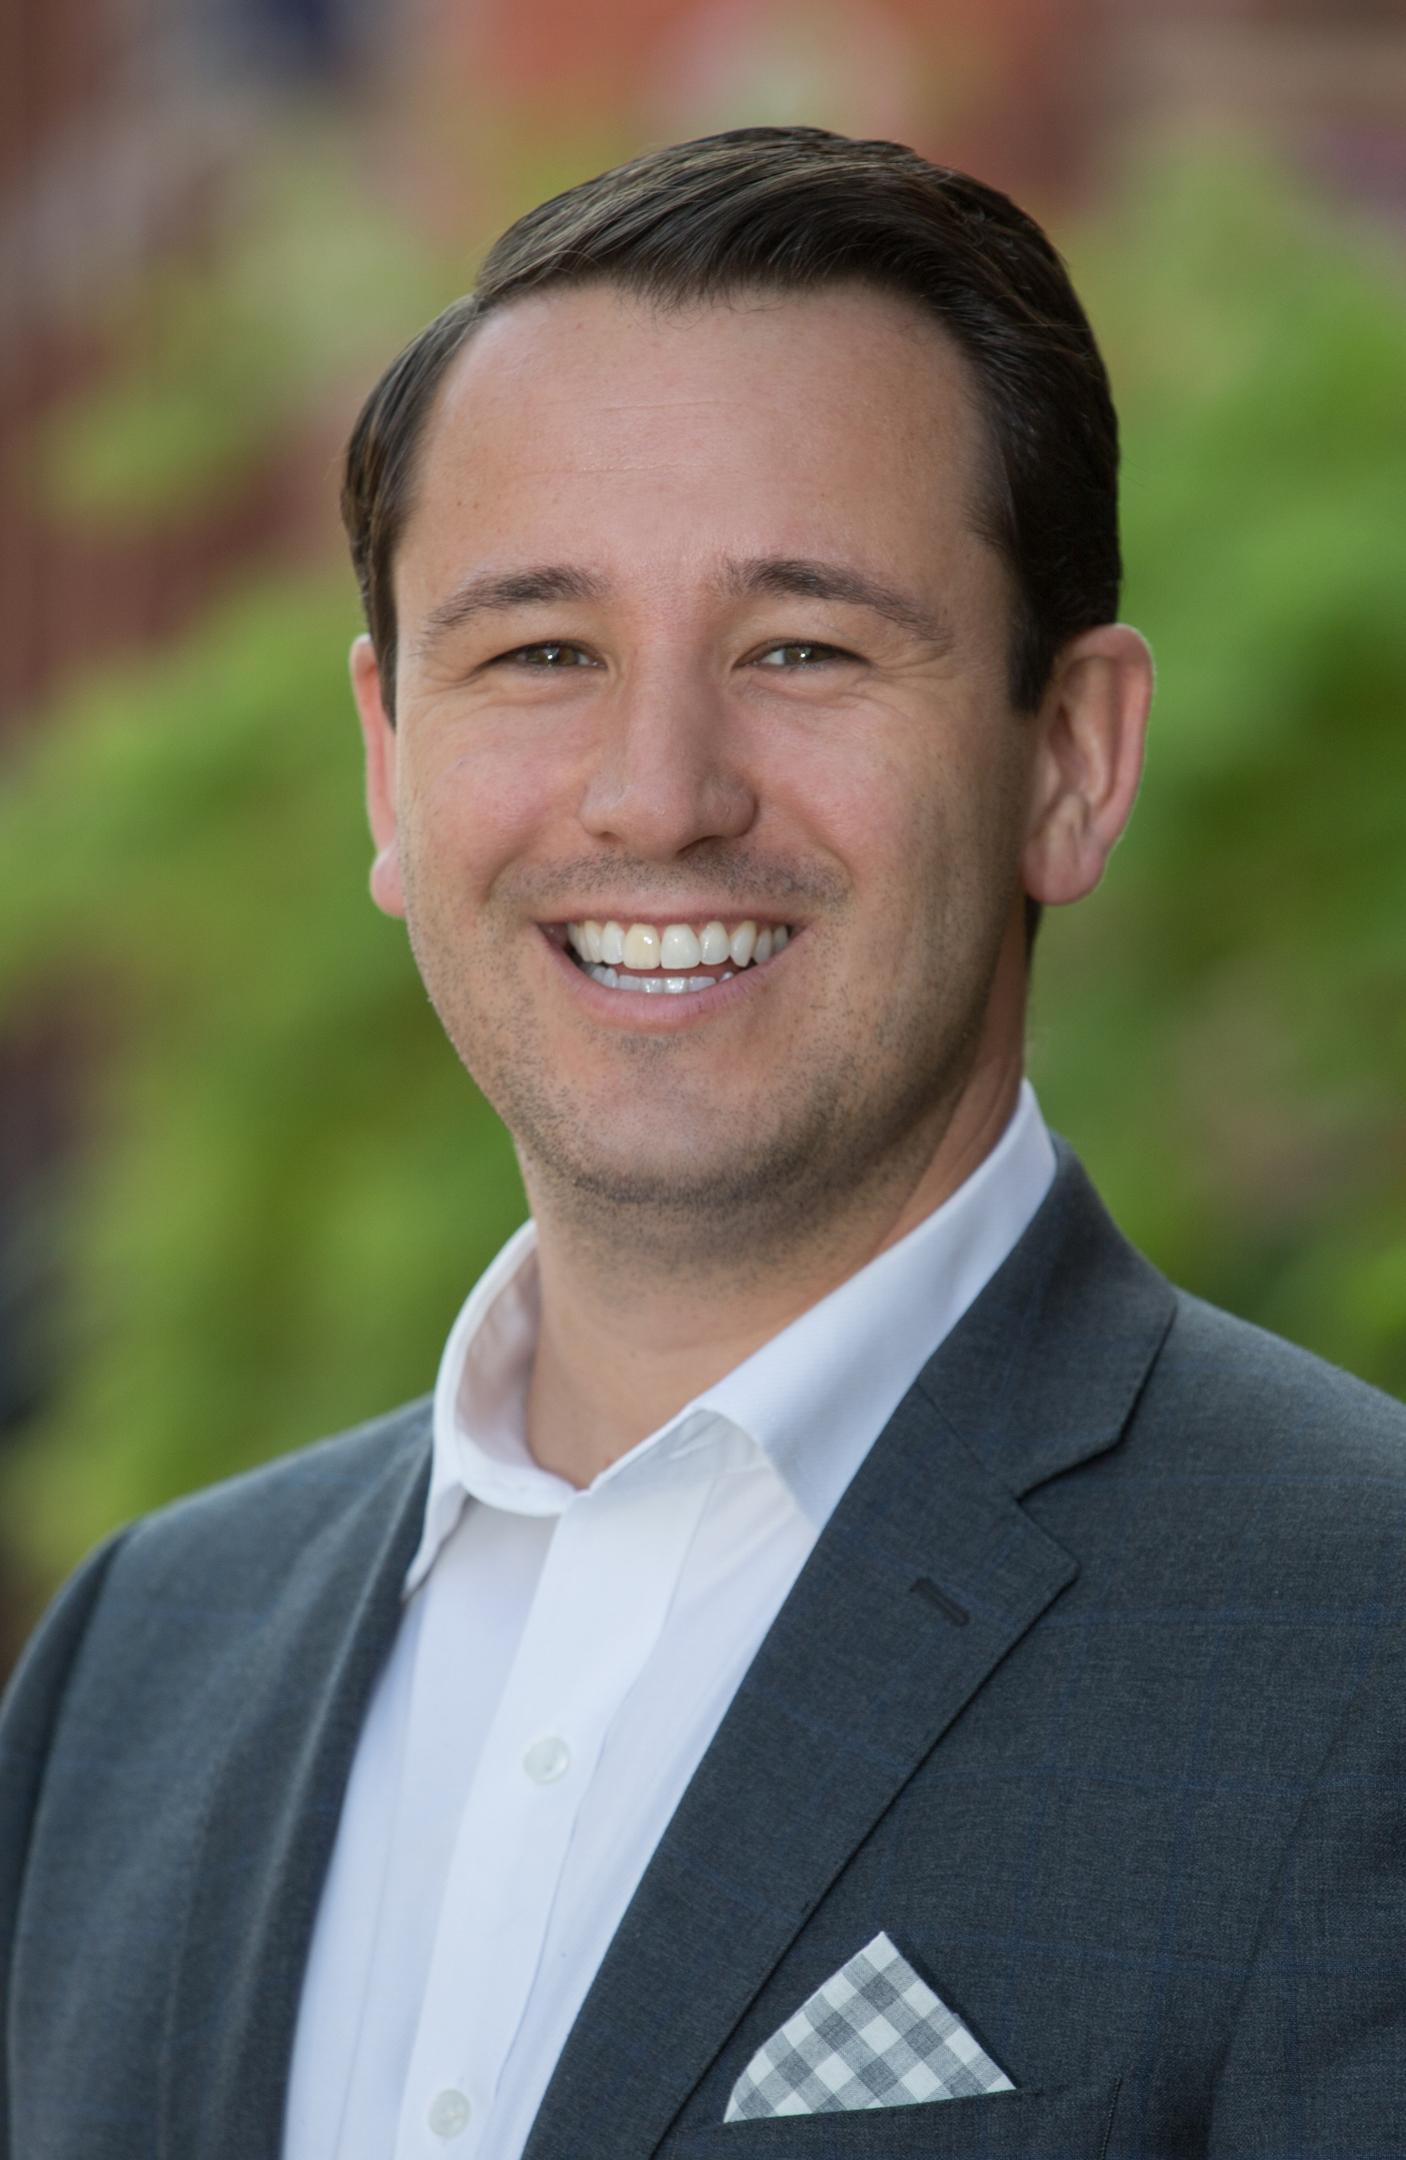 Stuart Carragher